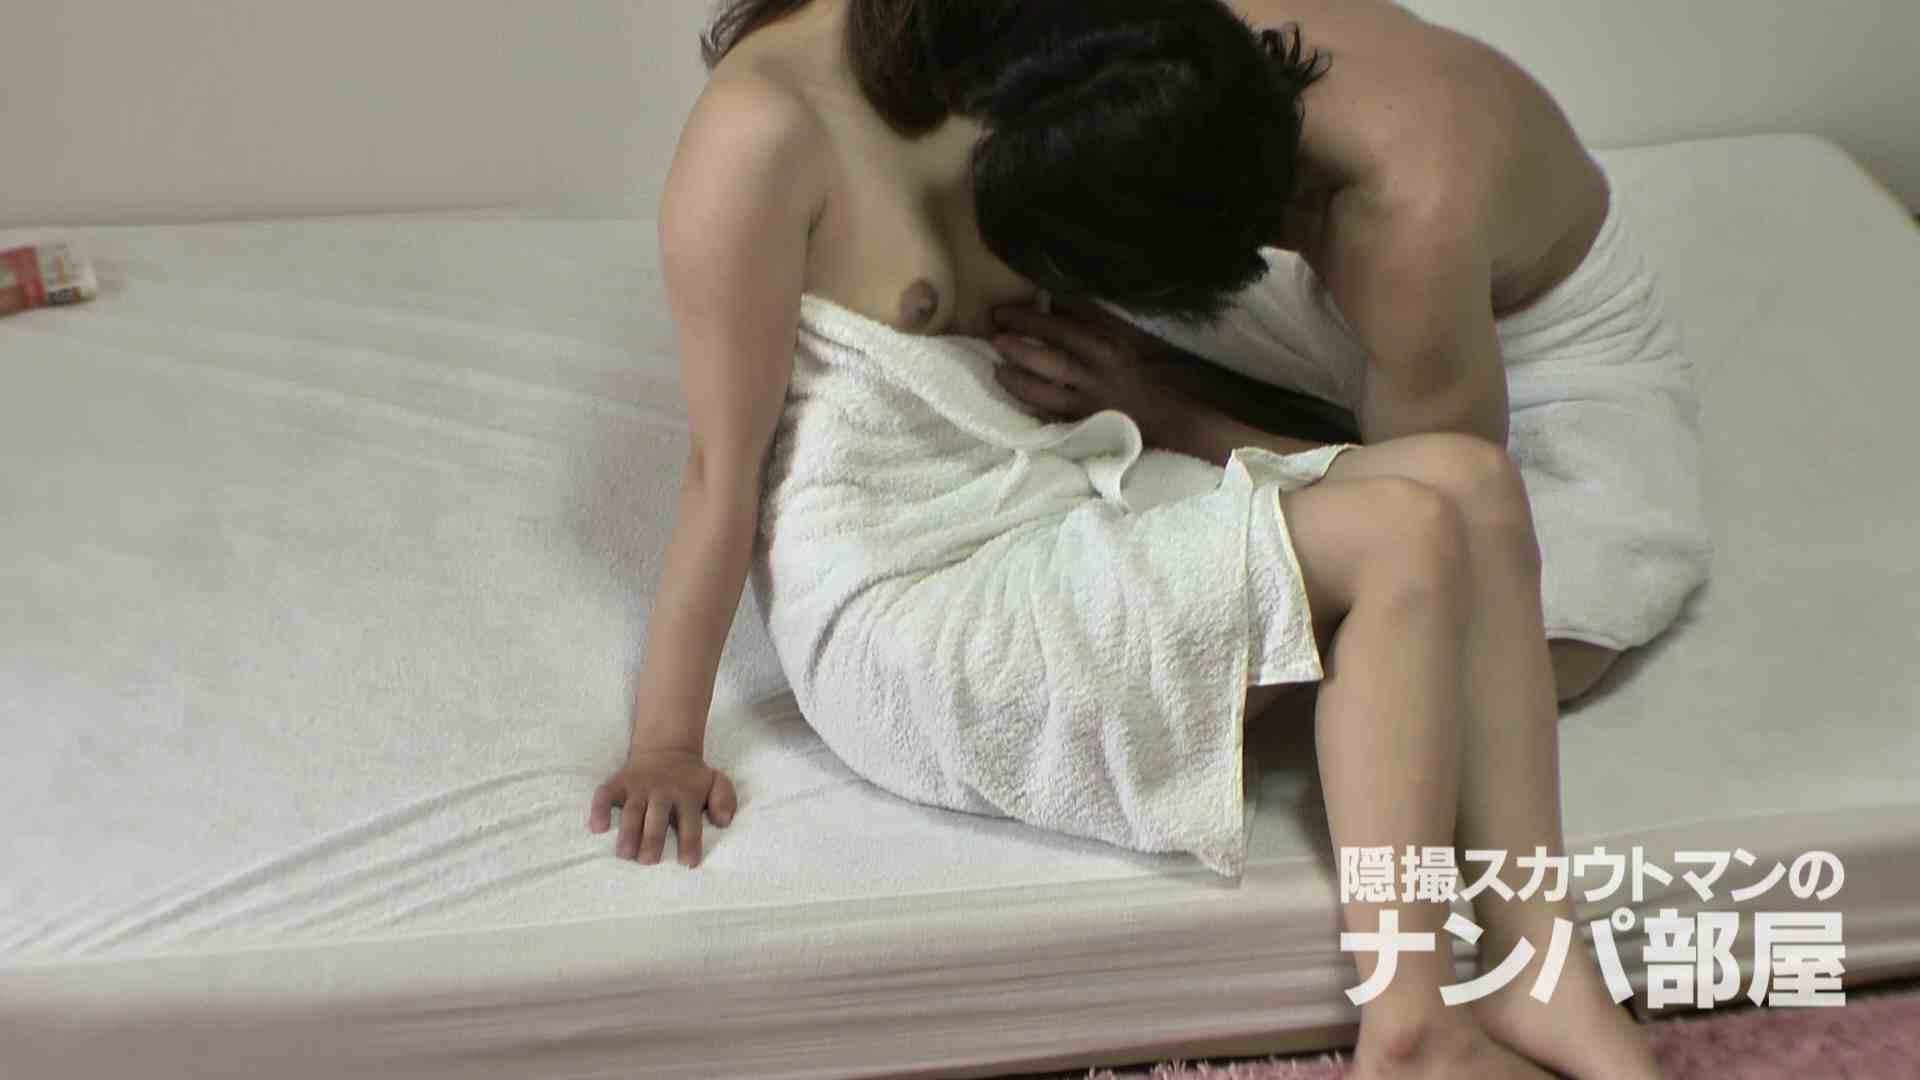 隠撮スカウトマンのナンパ部屋~風俗デビュー前のつまみ食い~ sii 隠撮 | ナンパ  68連発 46